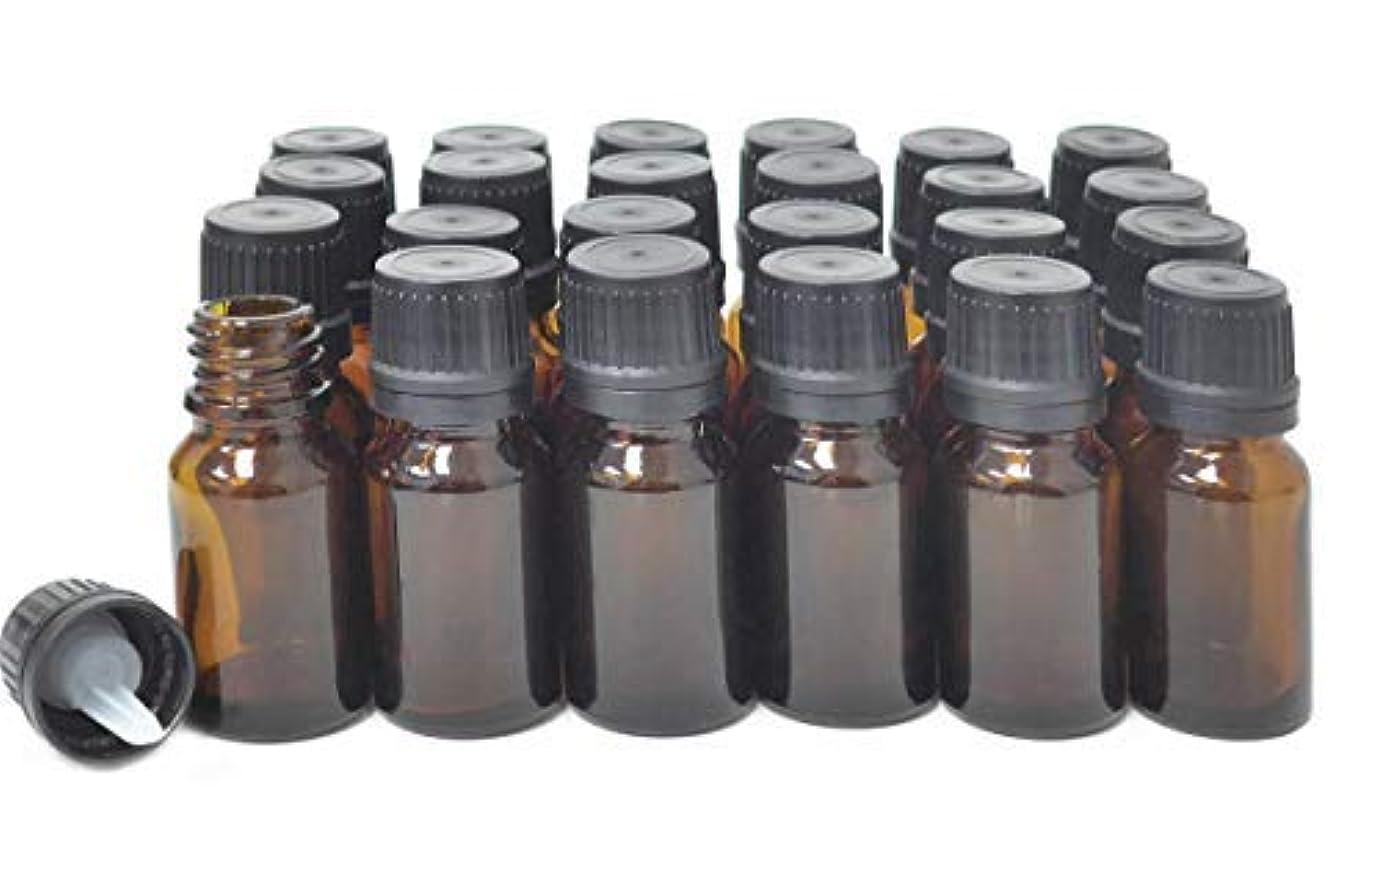 麻痺させる法律により相談ljdeals 10ml Amber Essential Oil Bottle with Euro Dropper Black Cap Glass Bottles Pack of 24 [並行輸入品]